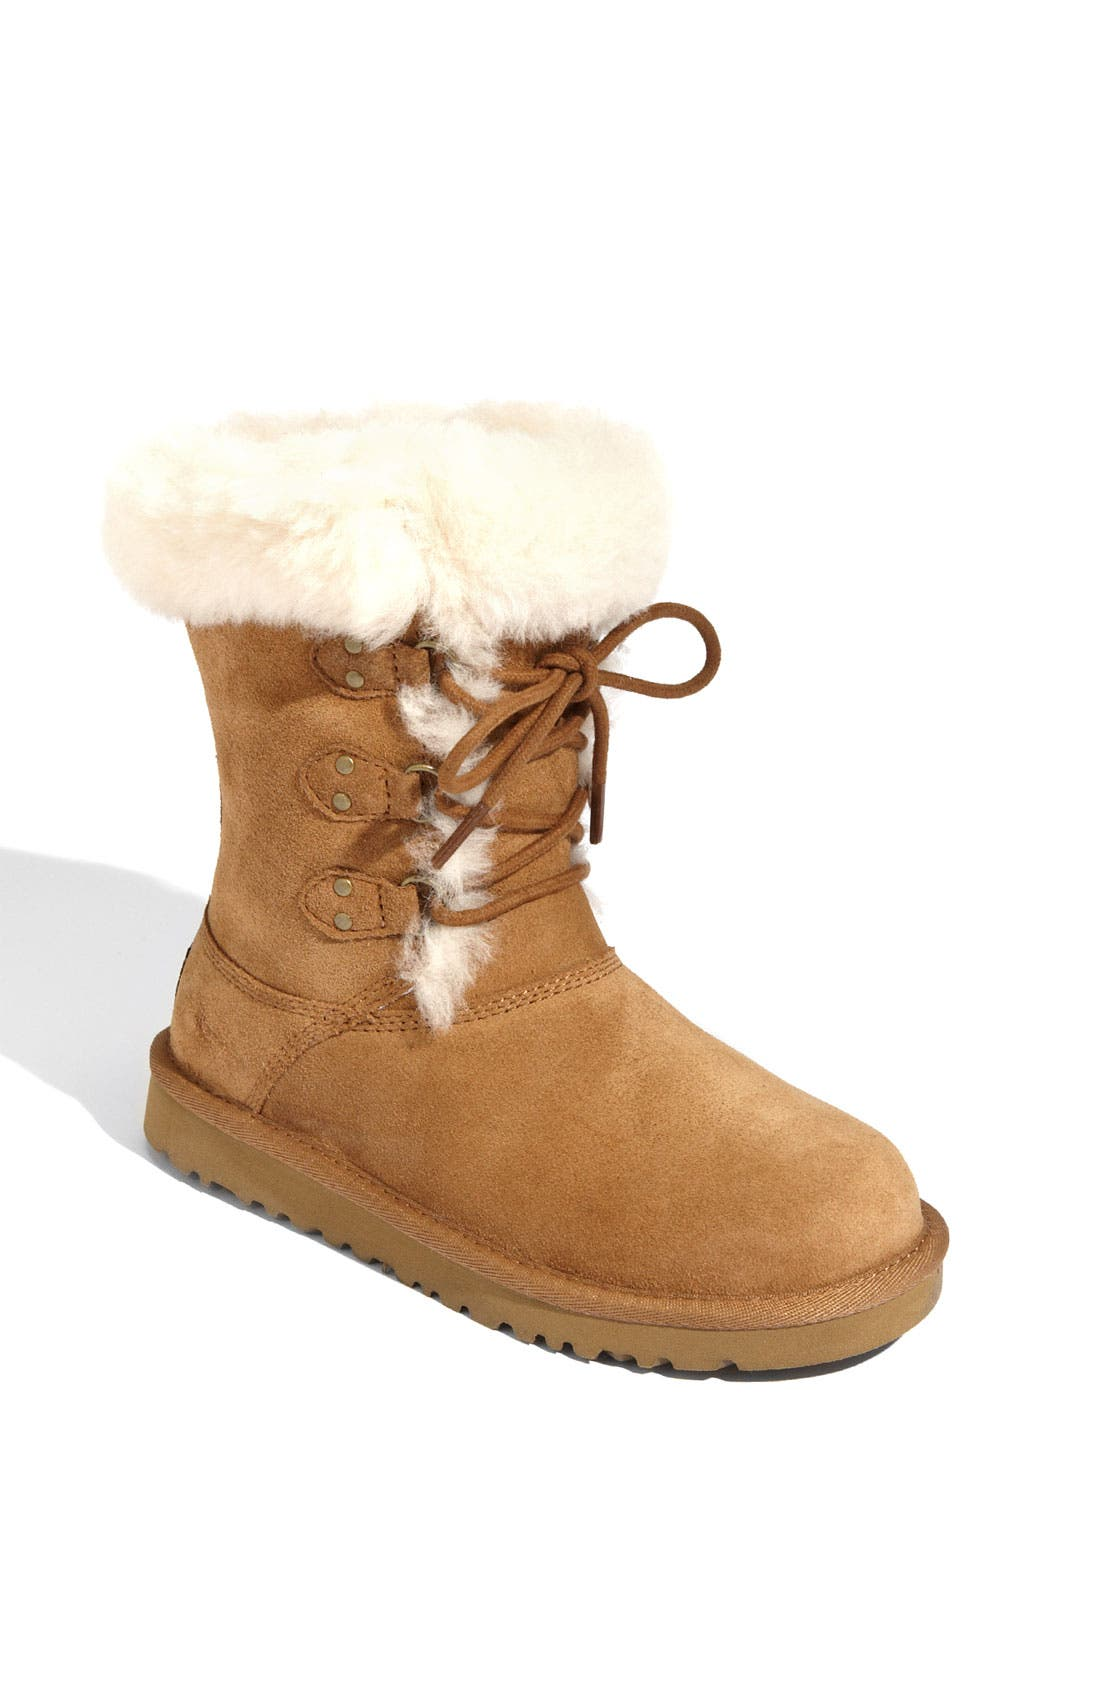 Alternate Image 1 Selected - UGG® Australia 'Sophy' Boot (Toddler, Little Kid & Big Kid)